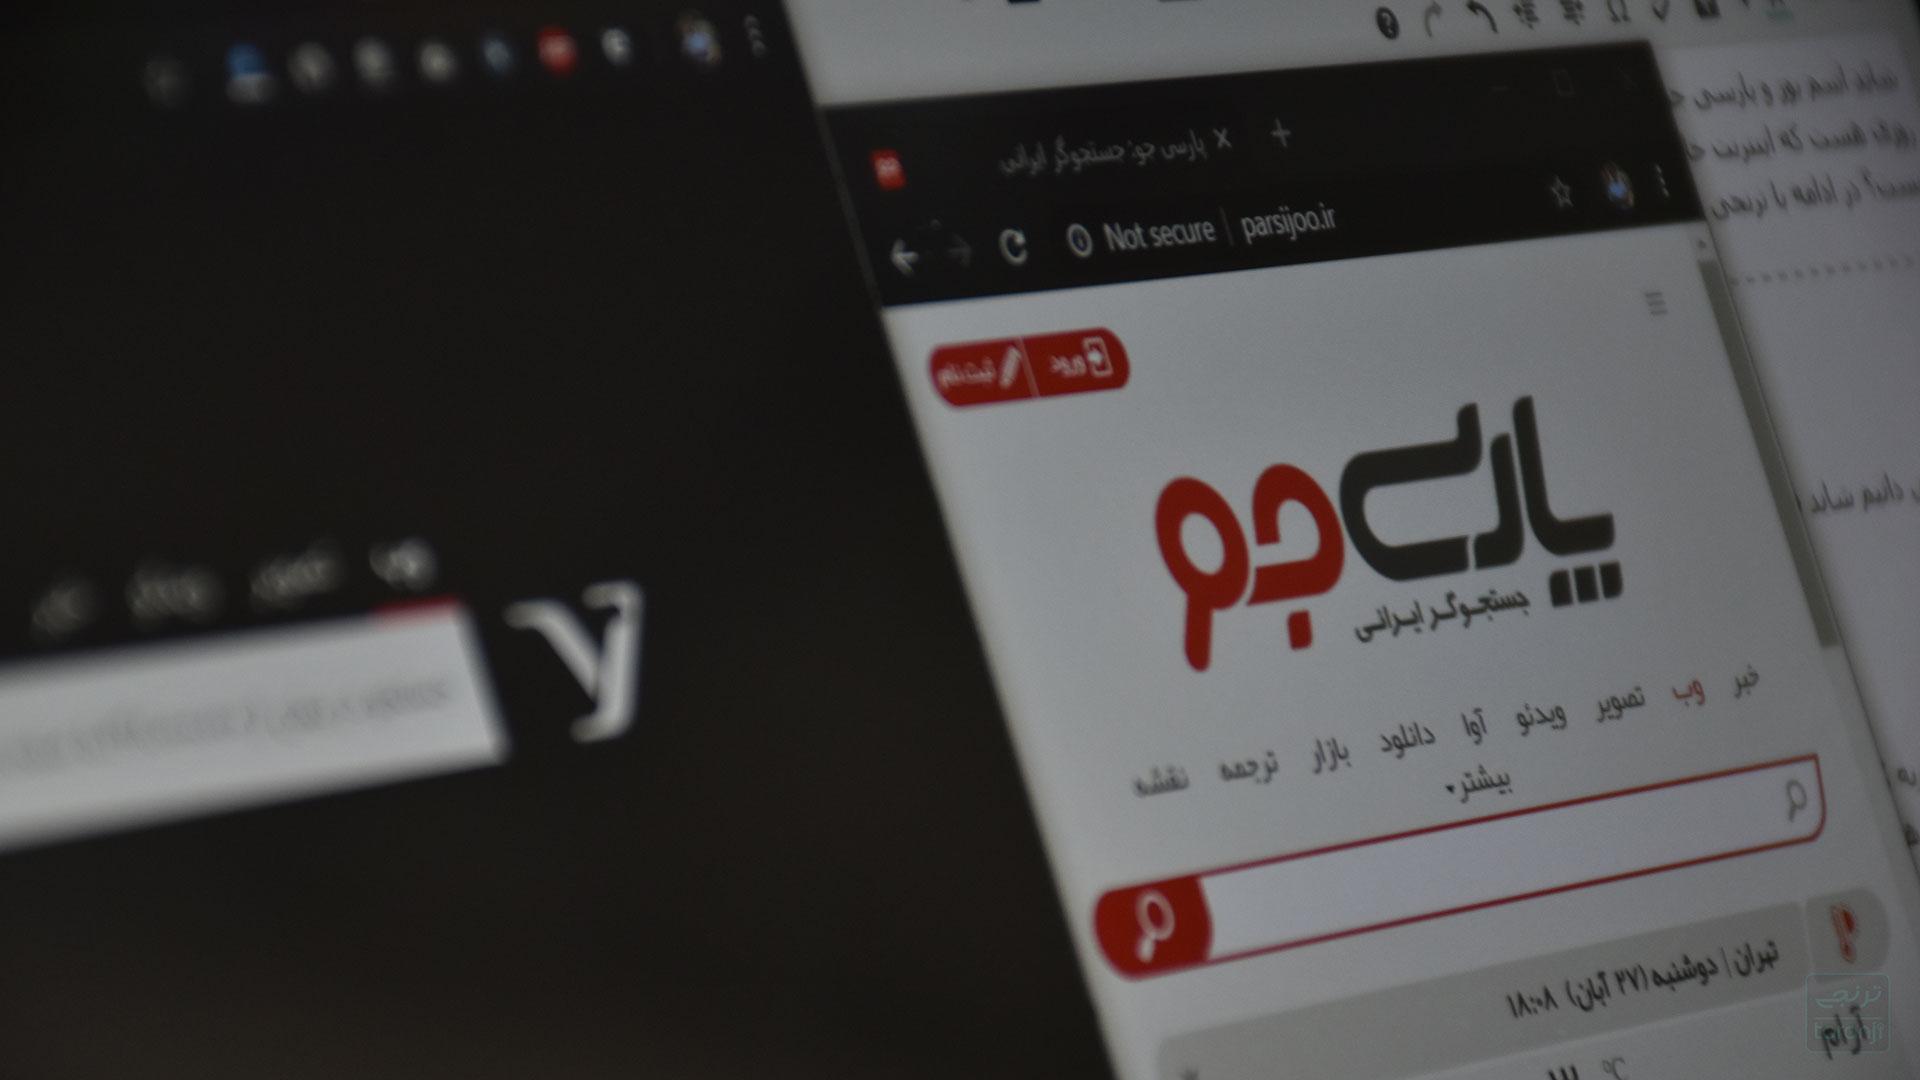 موتور جستجو ایرانی پارسی جو و یوز